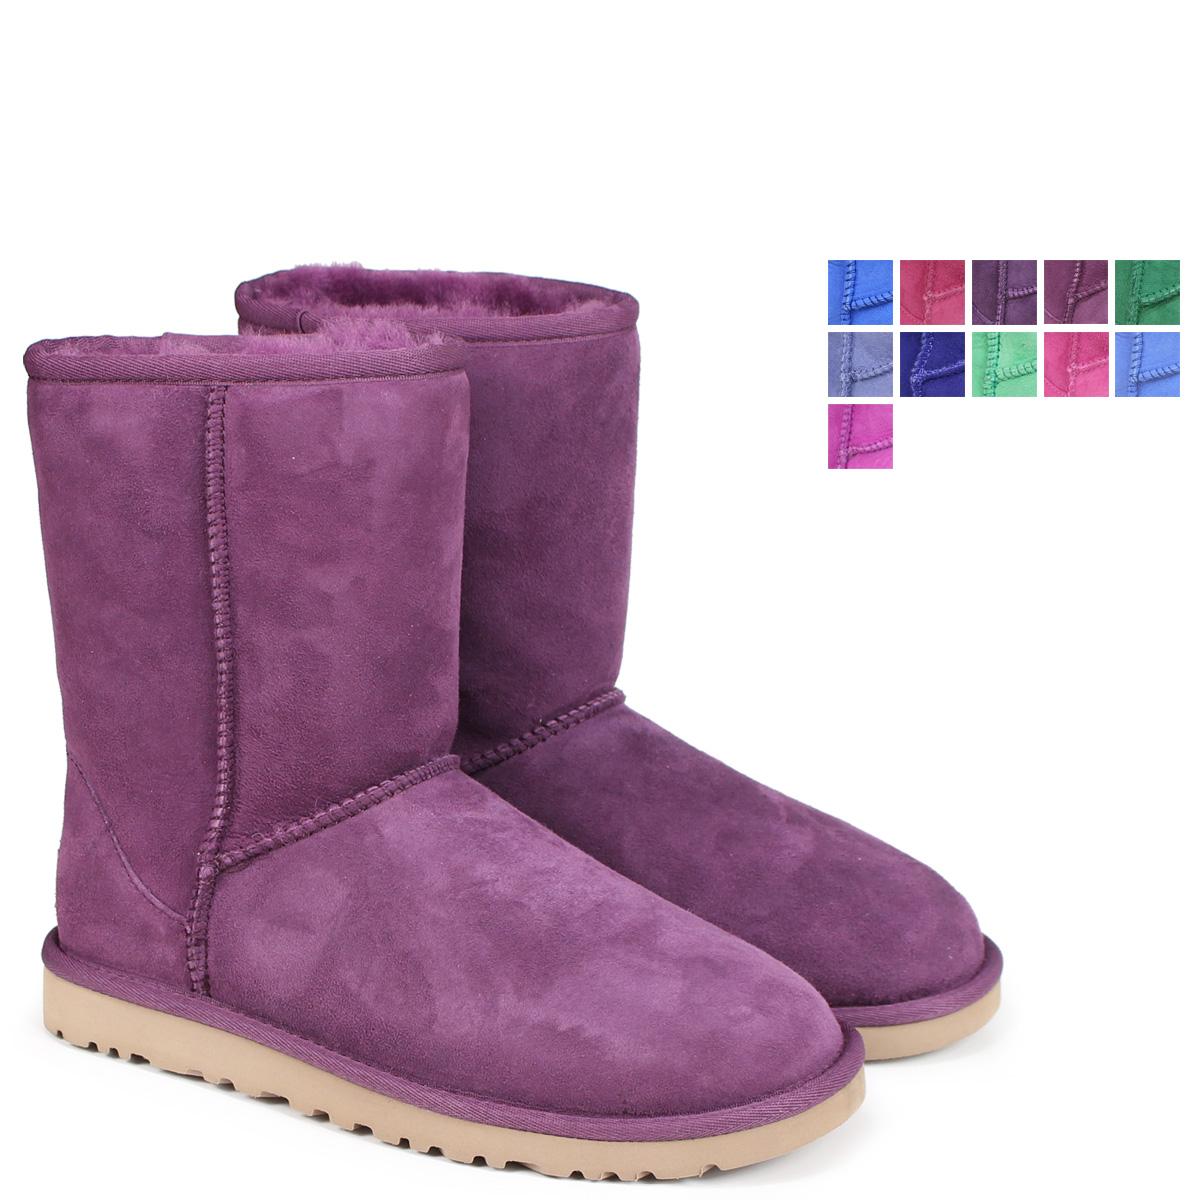 アグ UGG boots mouton boots classical music short 2 Lady's short 2 5825  1016223 WOMENS CLASSIC SHORT 2 regular article